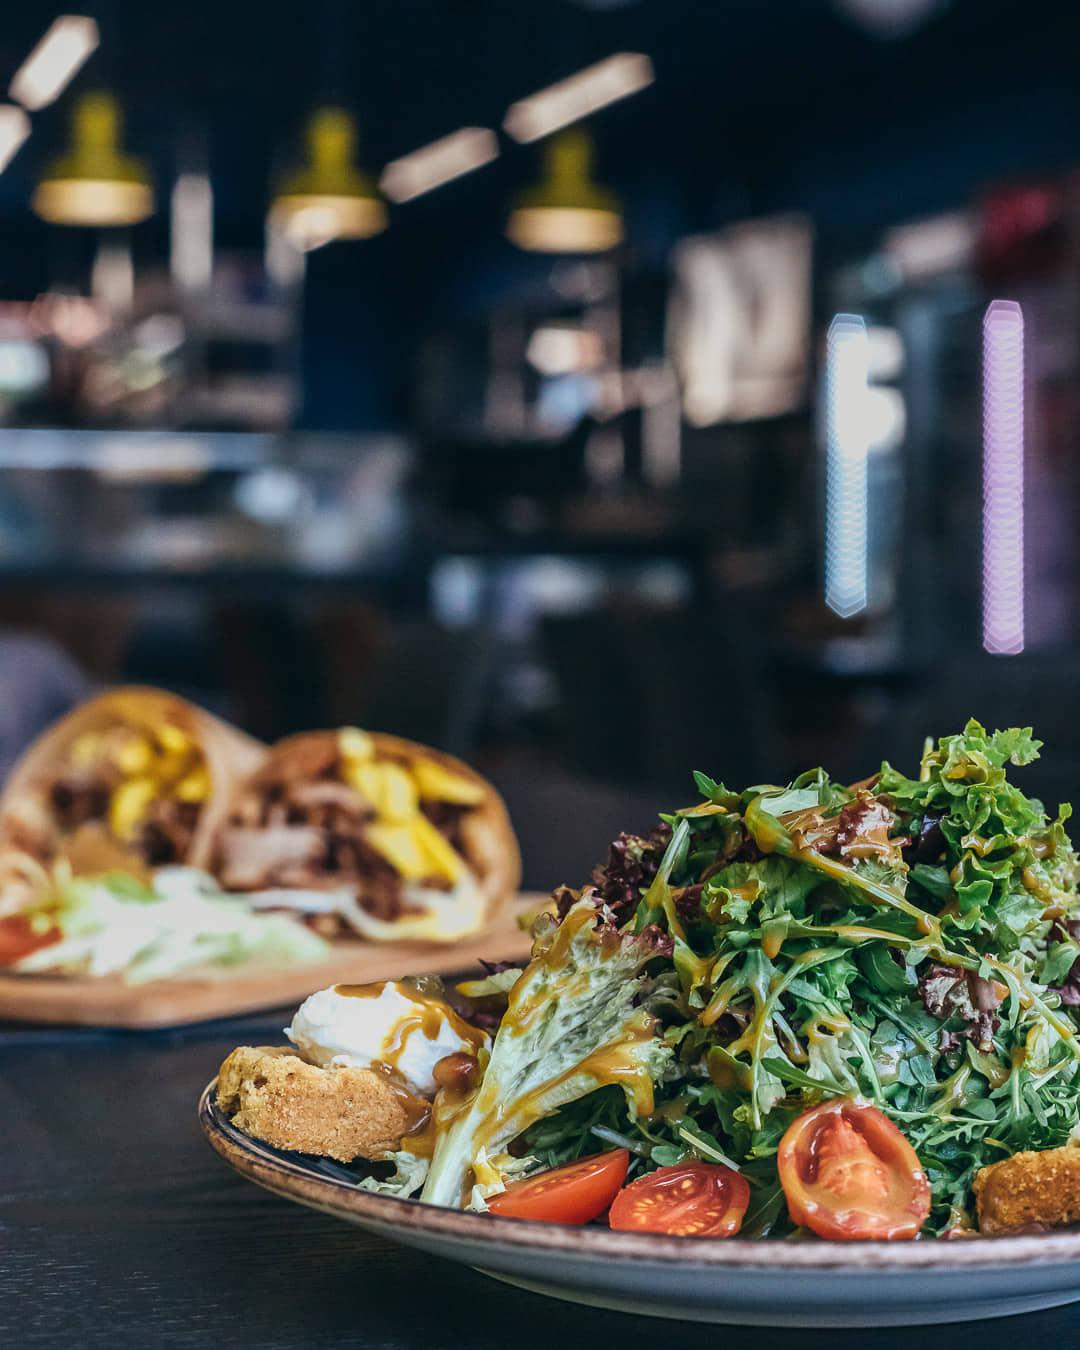 Ψαχνά: Άνοιξε το Grill House «Στο Ψαχνό» salata